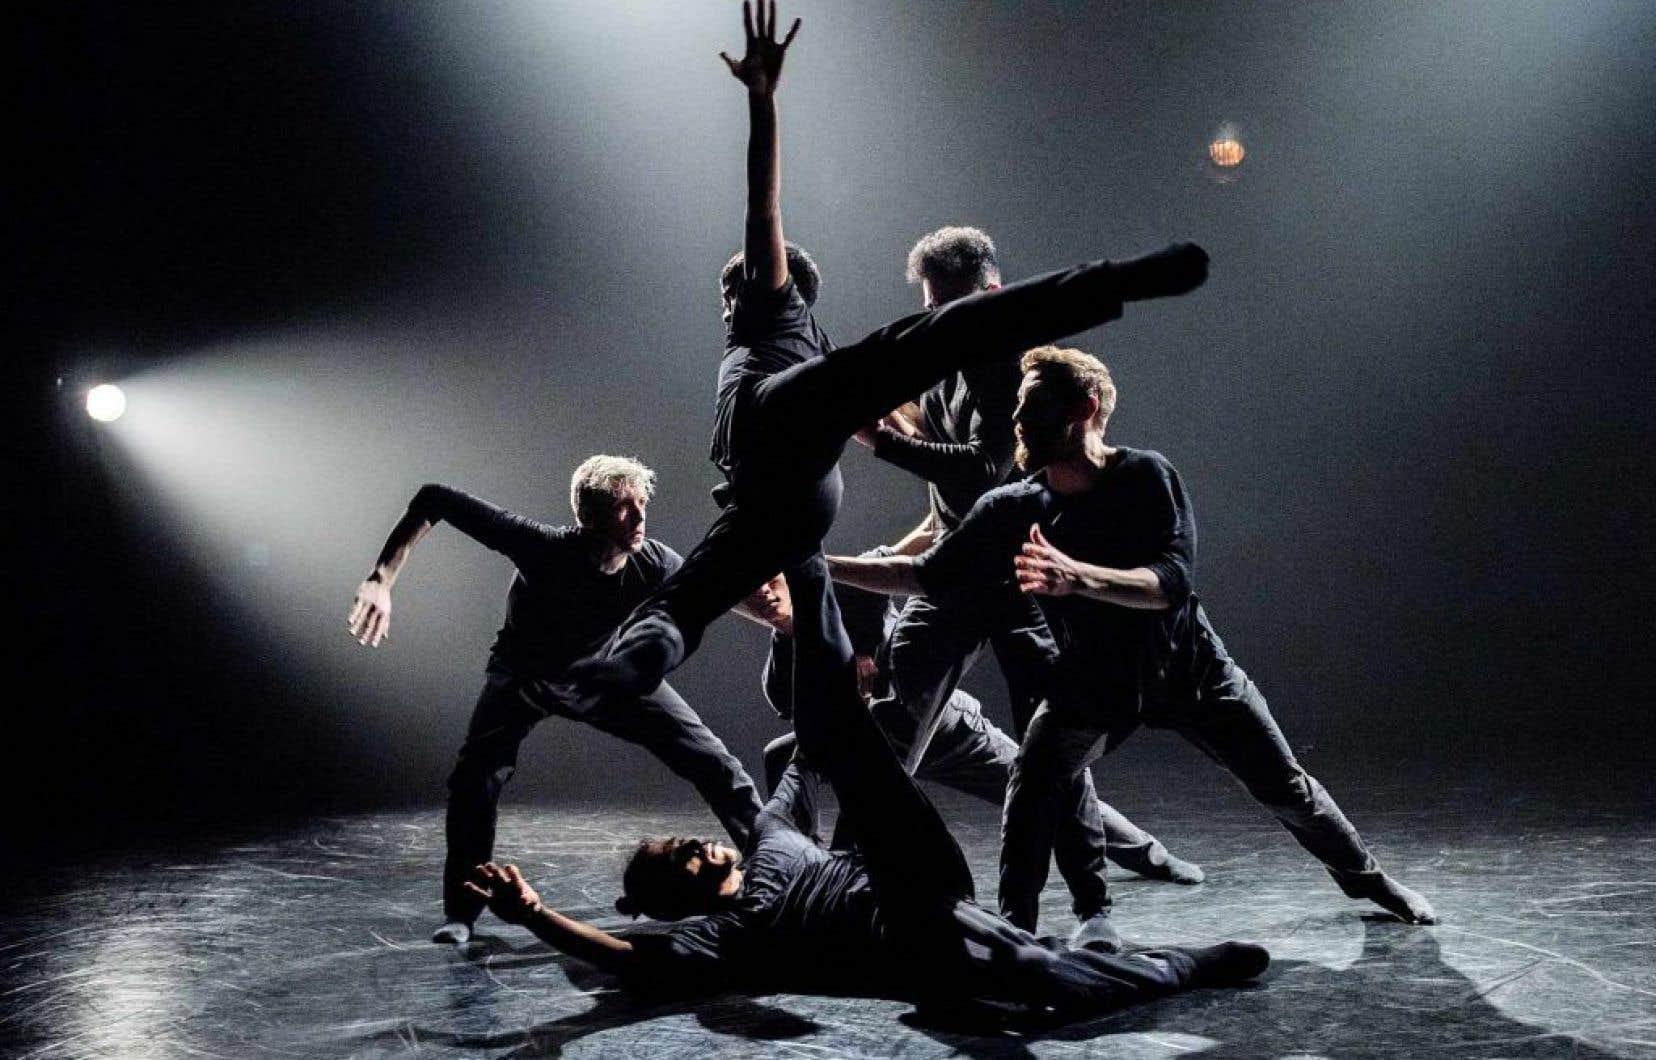 Dans les nombreux solos qui s'enchaînent au long de la pièce, les personnalités distinctes des danseurs se trouvent soulignées.